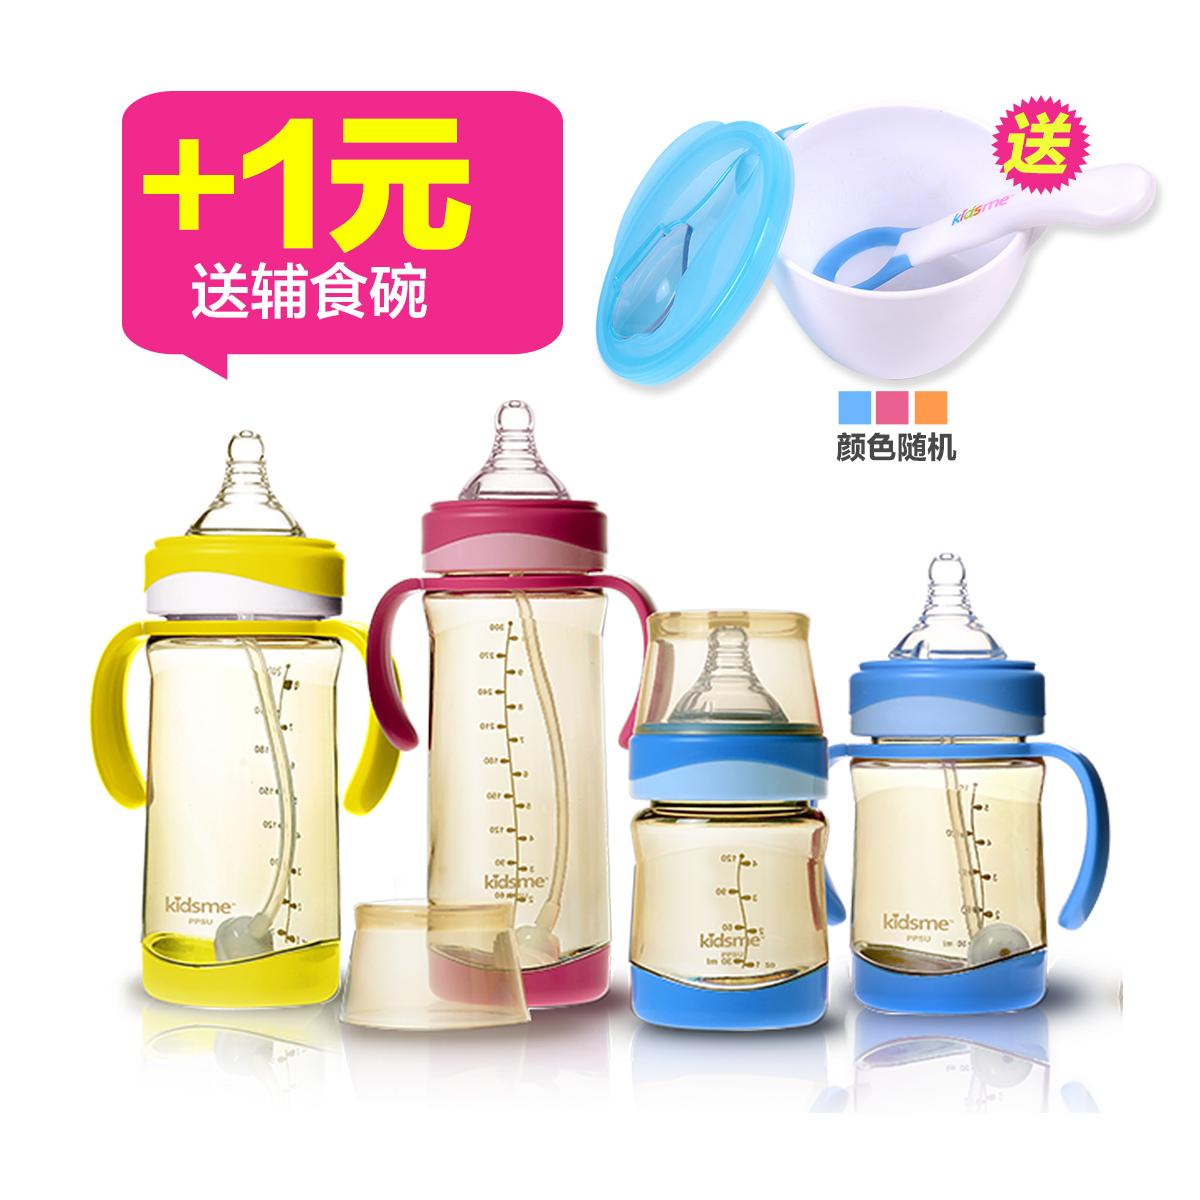 亲亲我用品PPSU宽口奶瓶带吸管手柄硅胶奶嘴正品婴儿母婴新生儿聚